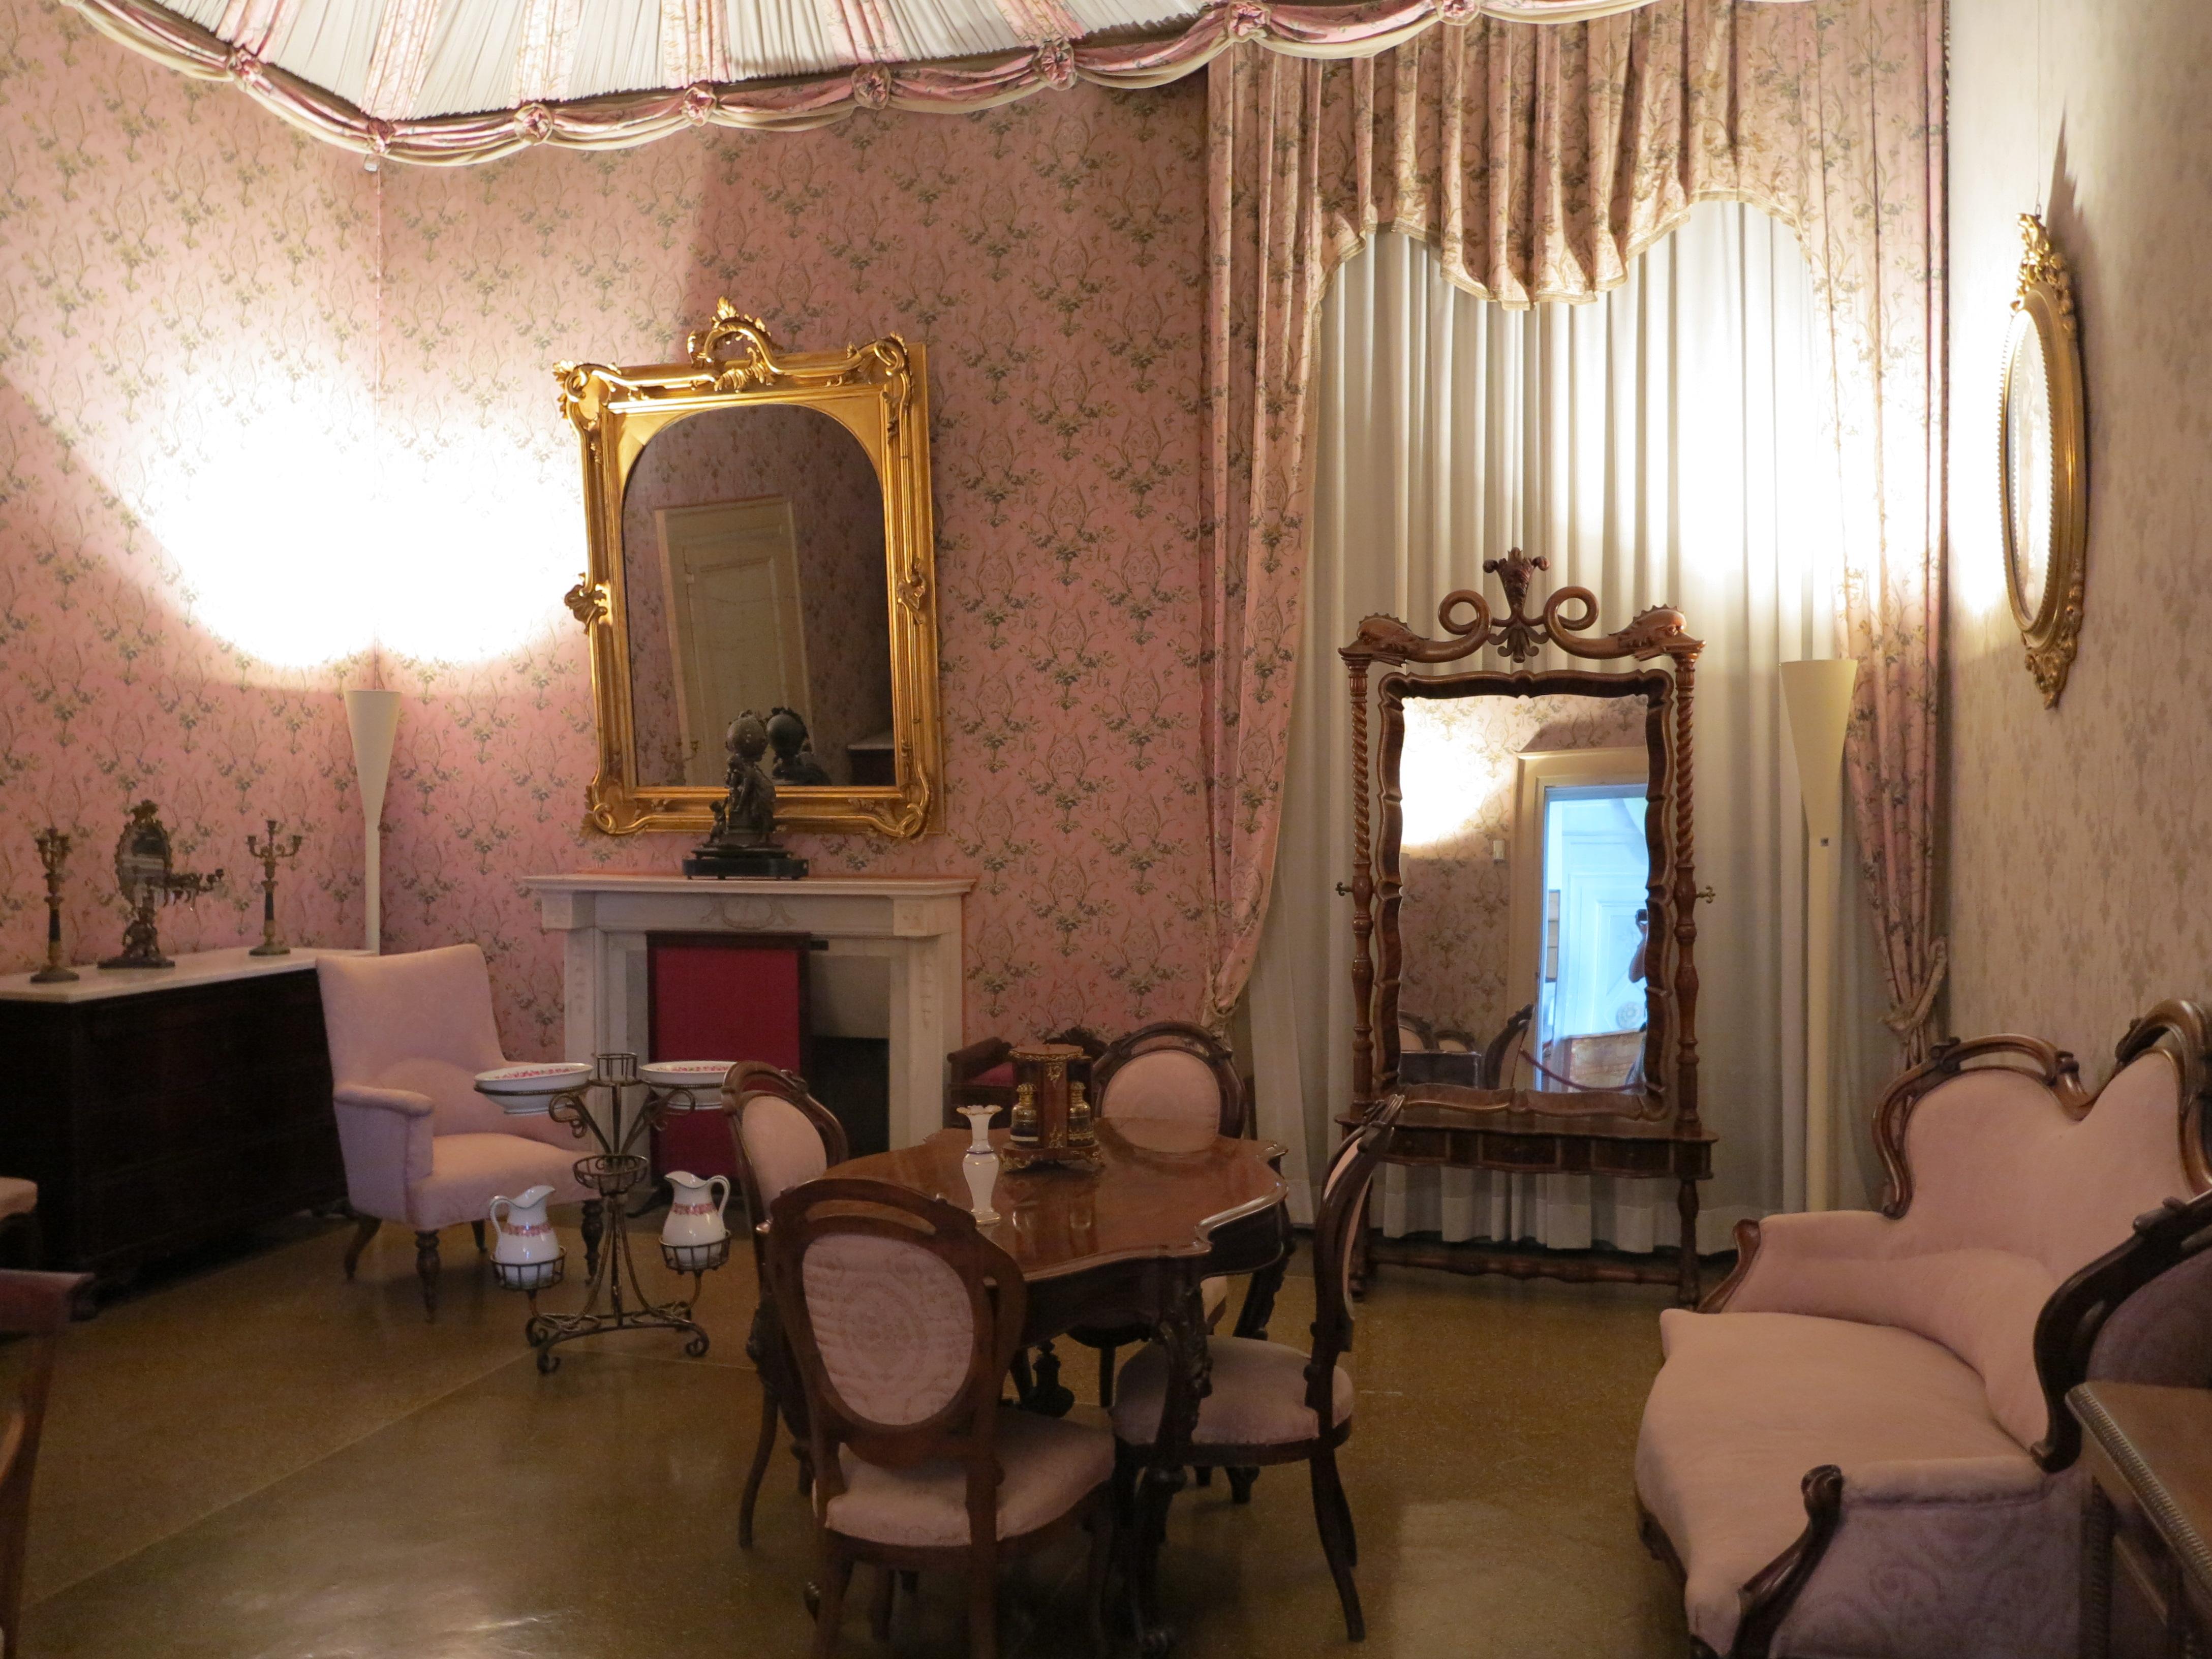 Camera Letto Rosa : File camera da letto di rosa vercellana g wikimedia commons